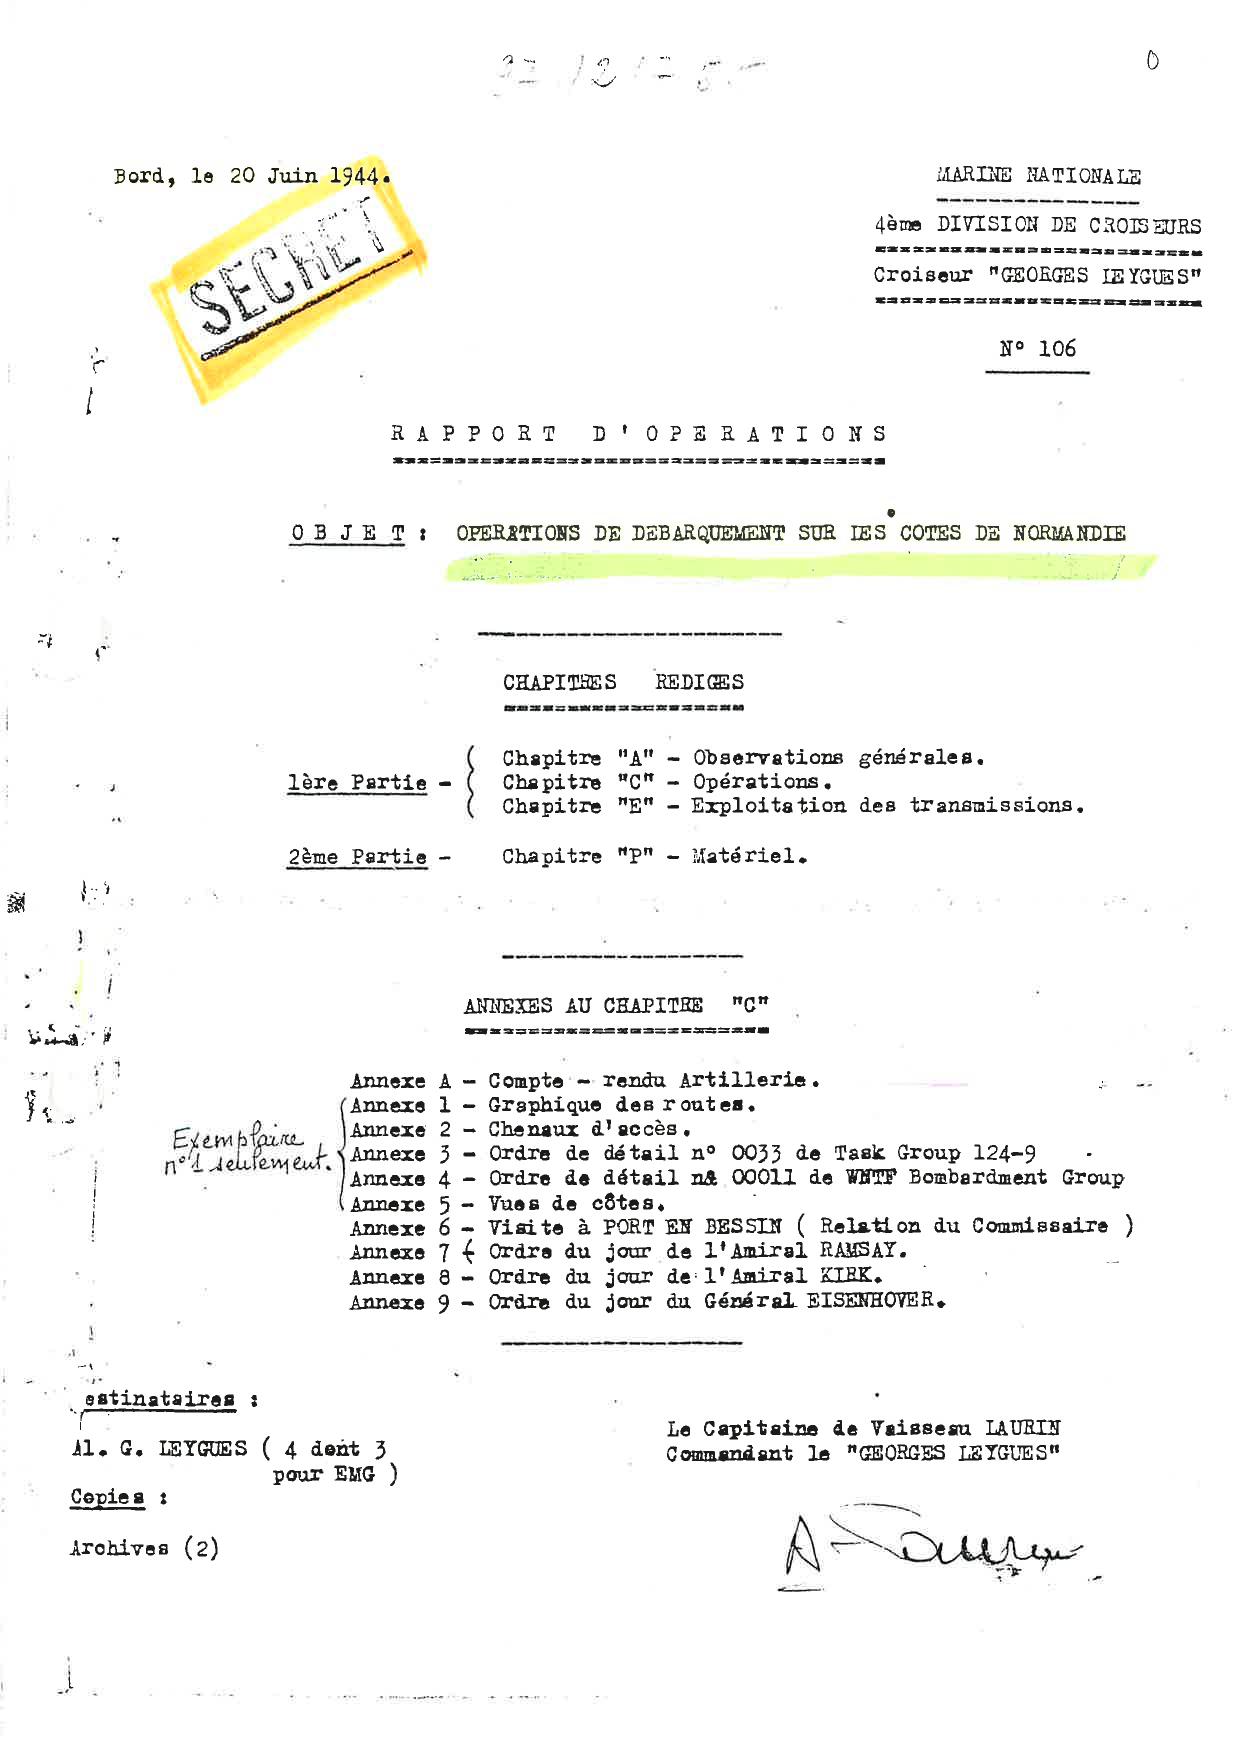 « GEORGES LEYGUES : Rapport d'opérations de la journée du 6 juin 1944 » par Joseph LAURIN